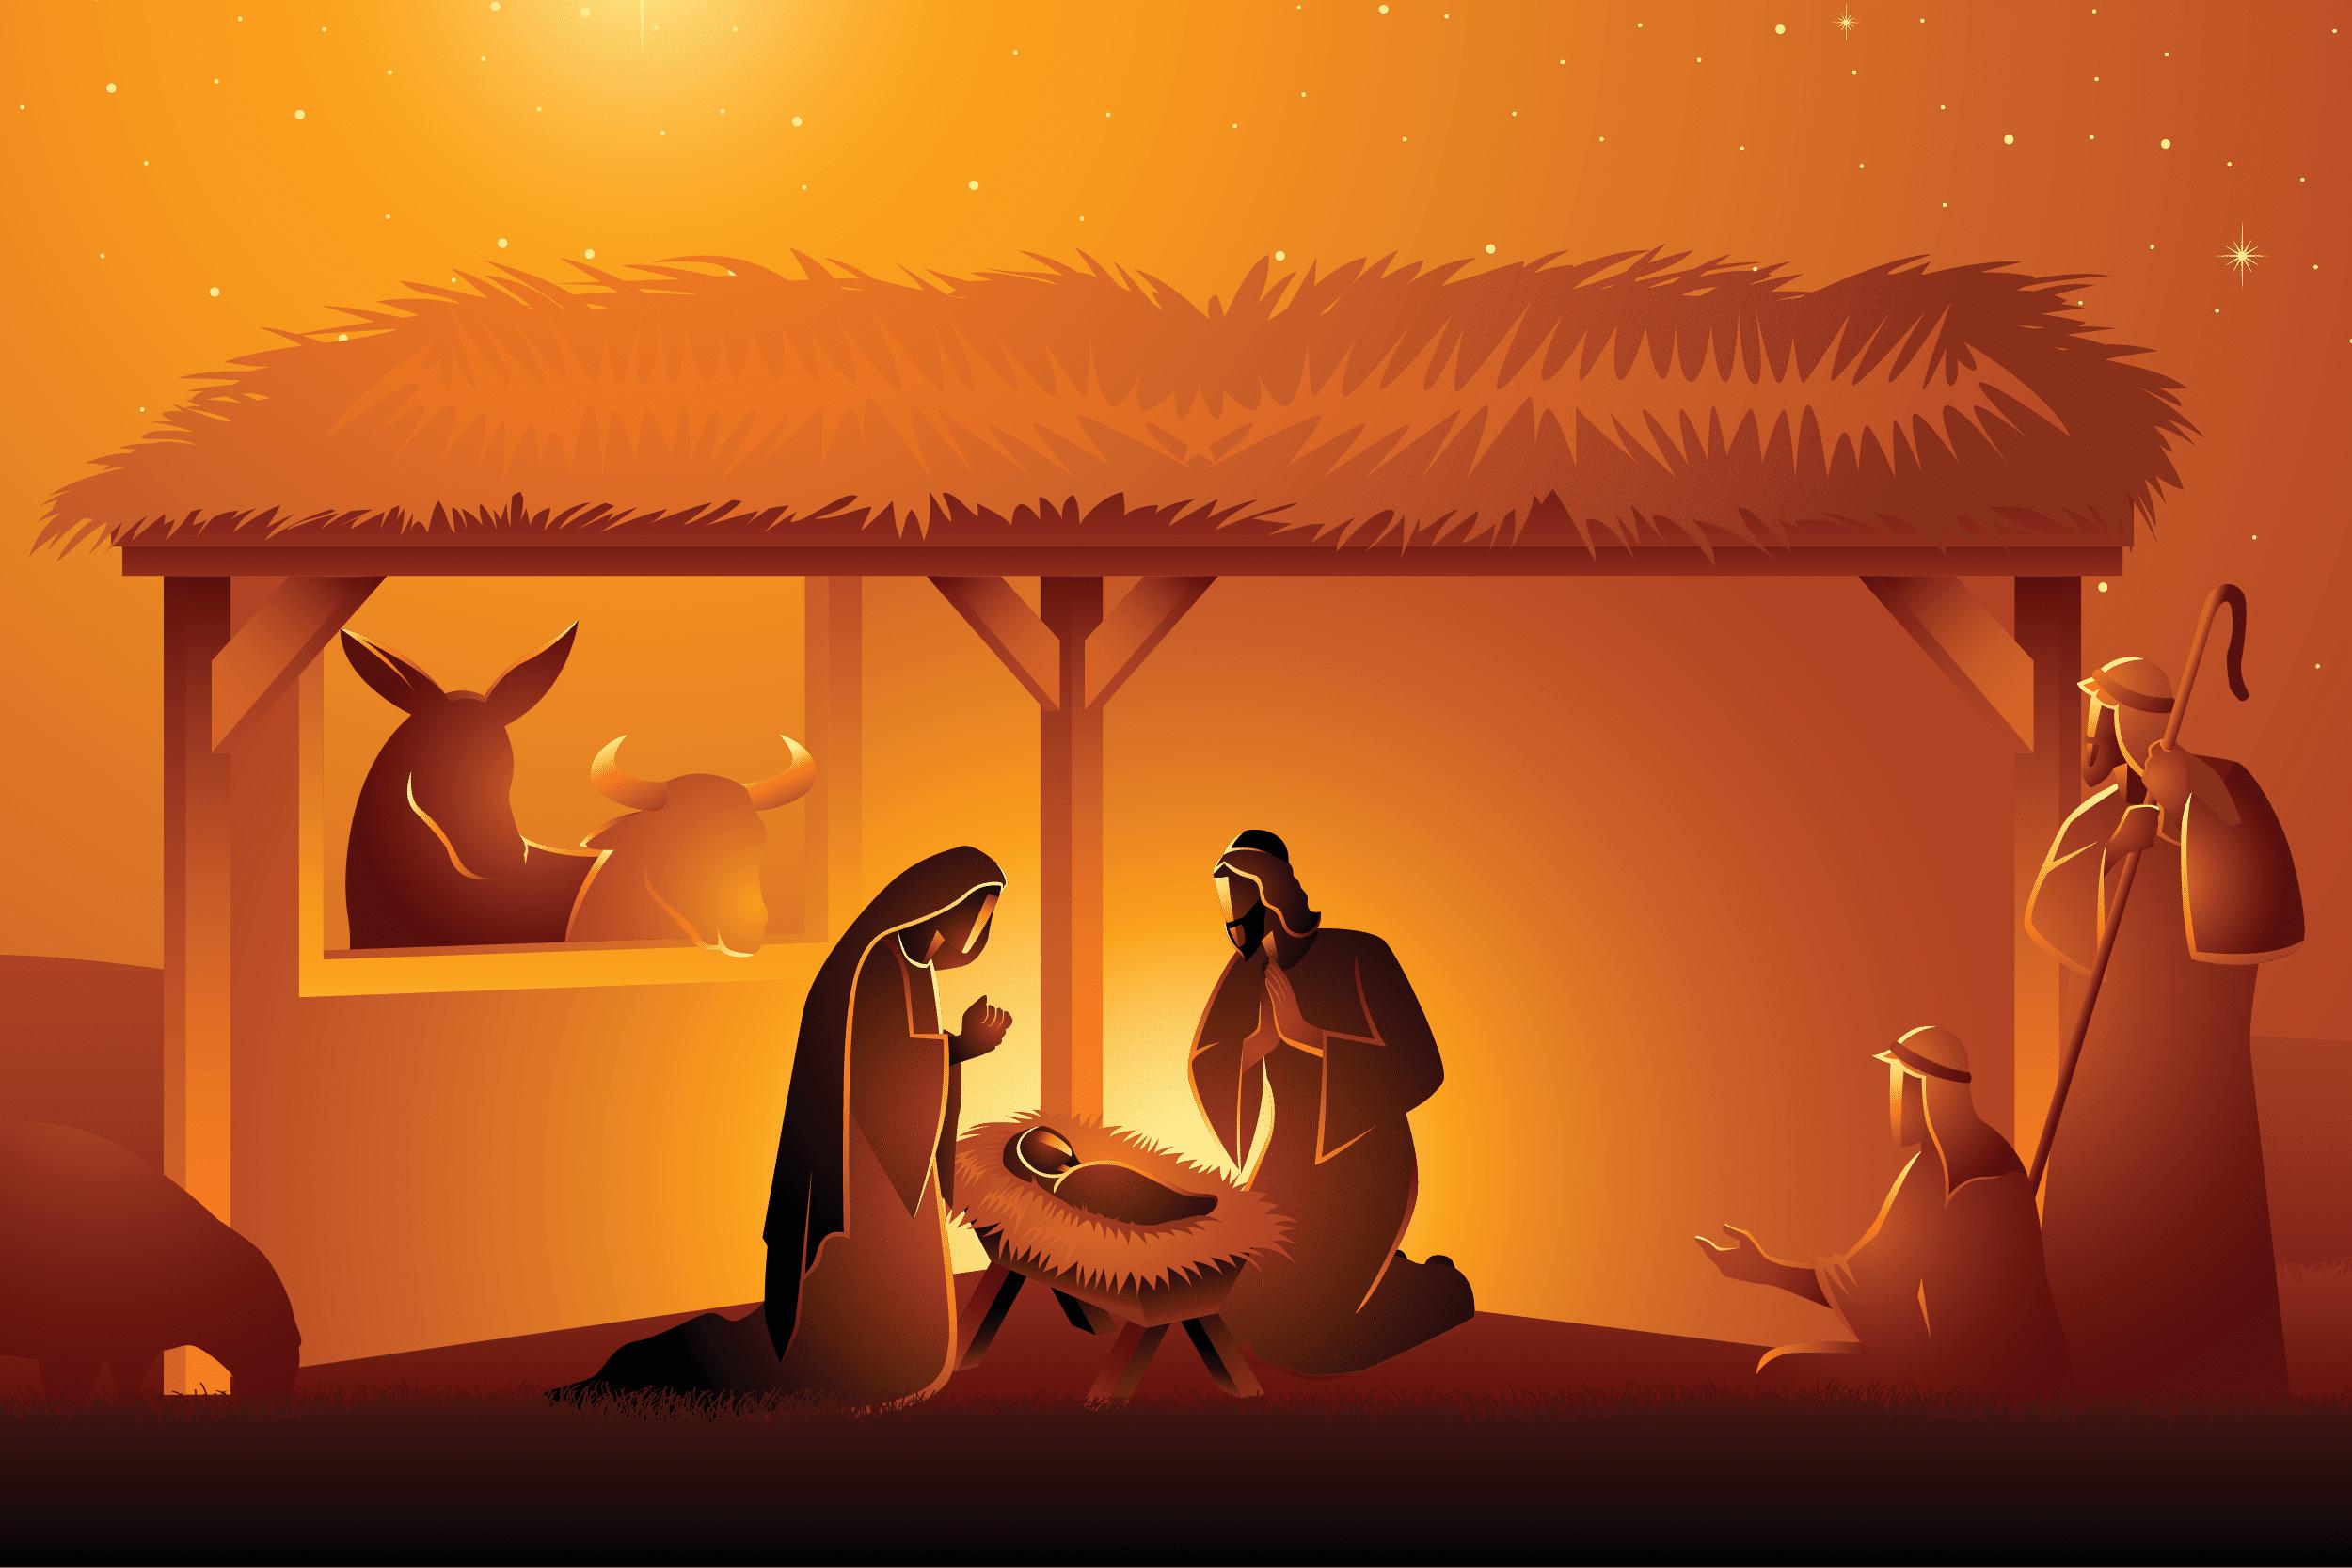 El Nacimiento del Hijo de Dios. Ilustración: Martín Cuéllar.